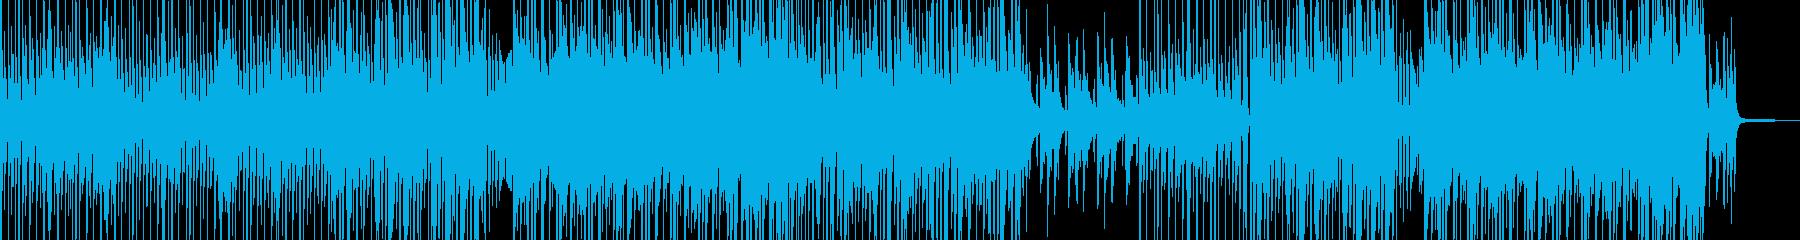 まったり・温かい雰囲気のポップス 長尺★の再生済みの波形